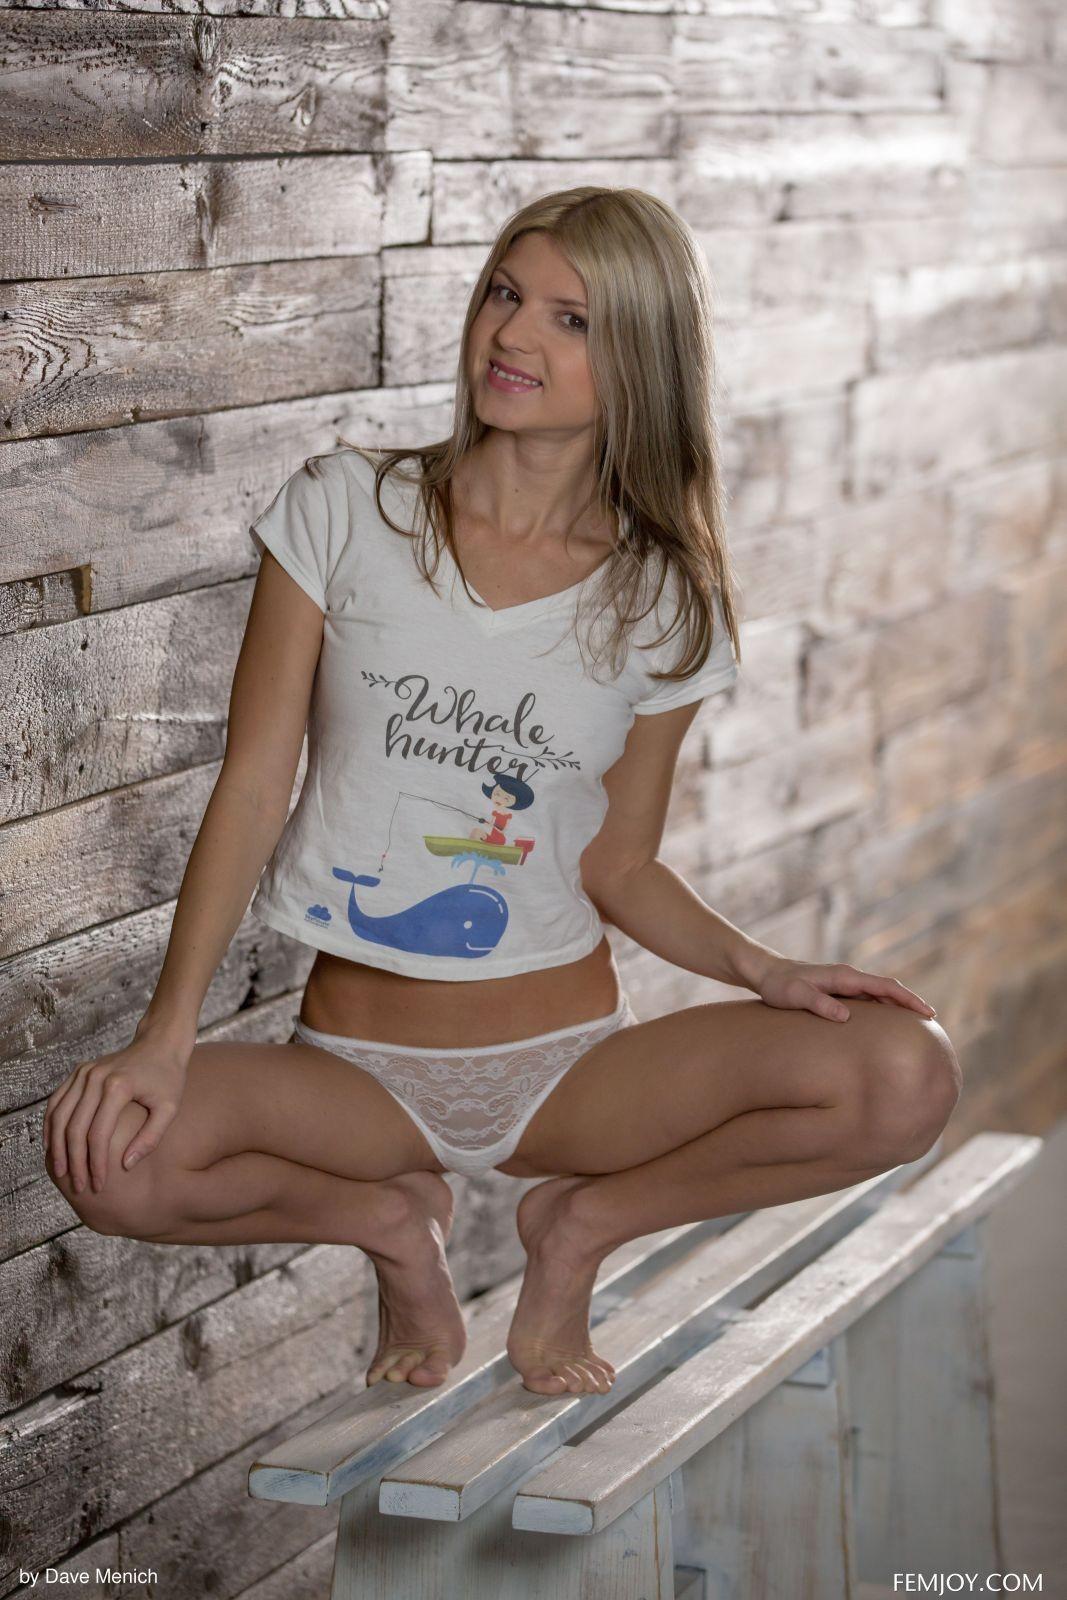 Худая русская девка сняла трусы и майку на лавке - фото